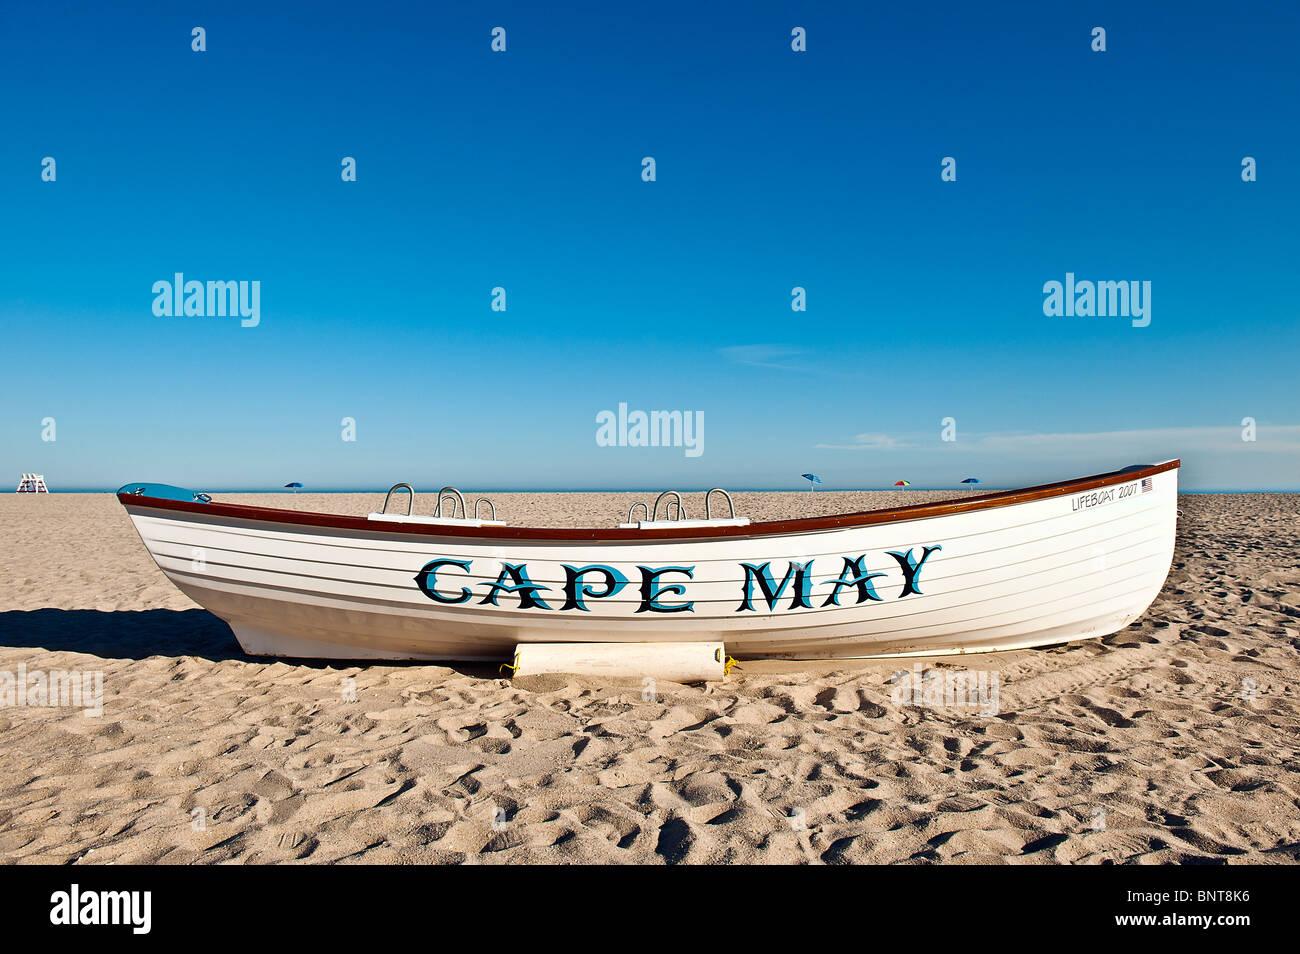 Rettungsschwimmer Rettung Boot, Cape May, New Jersey, USA Stockbild